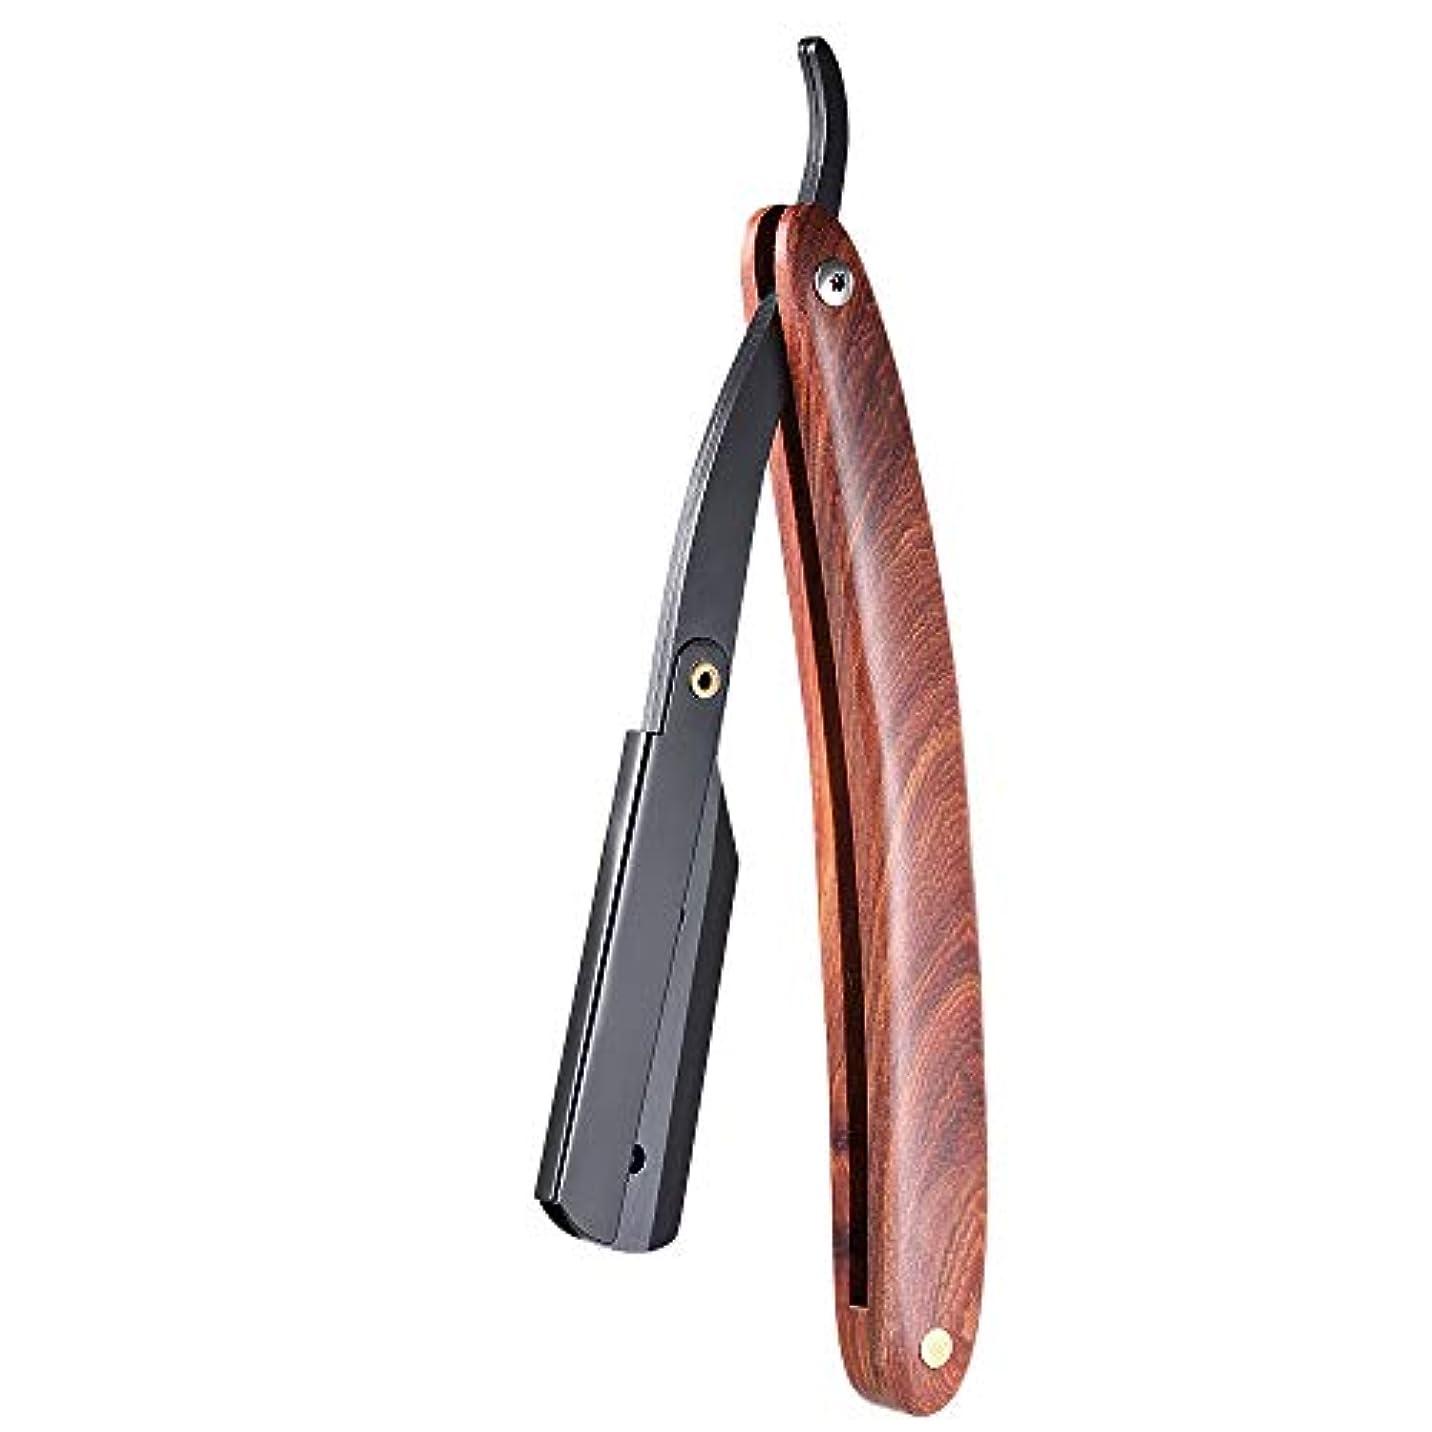 Men Shaving Straight Edge Razor Stainless Steel Manual Razor Wooden Handle Folding Shaving Knife Shave Beard Cutter...